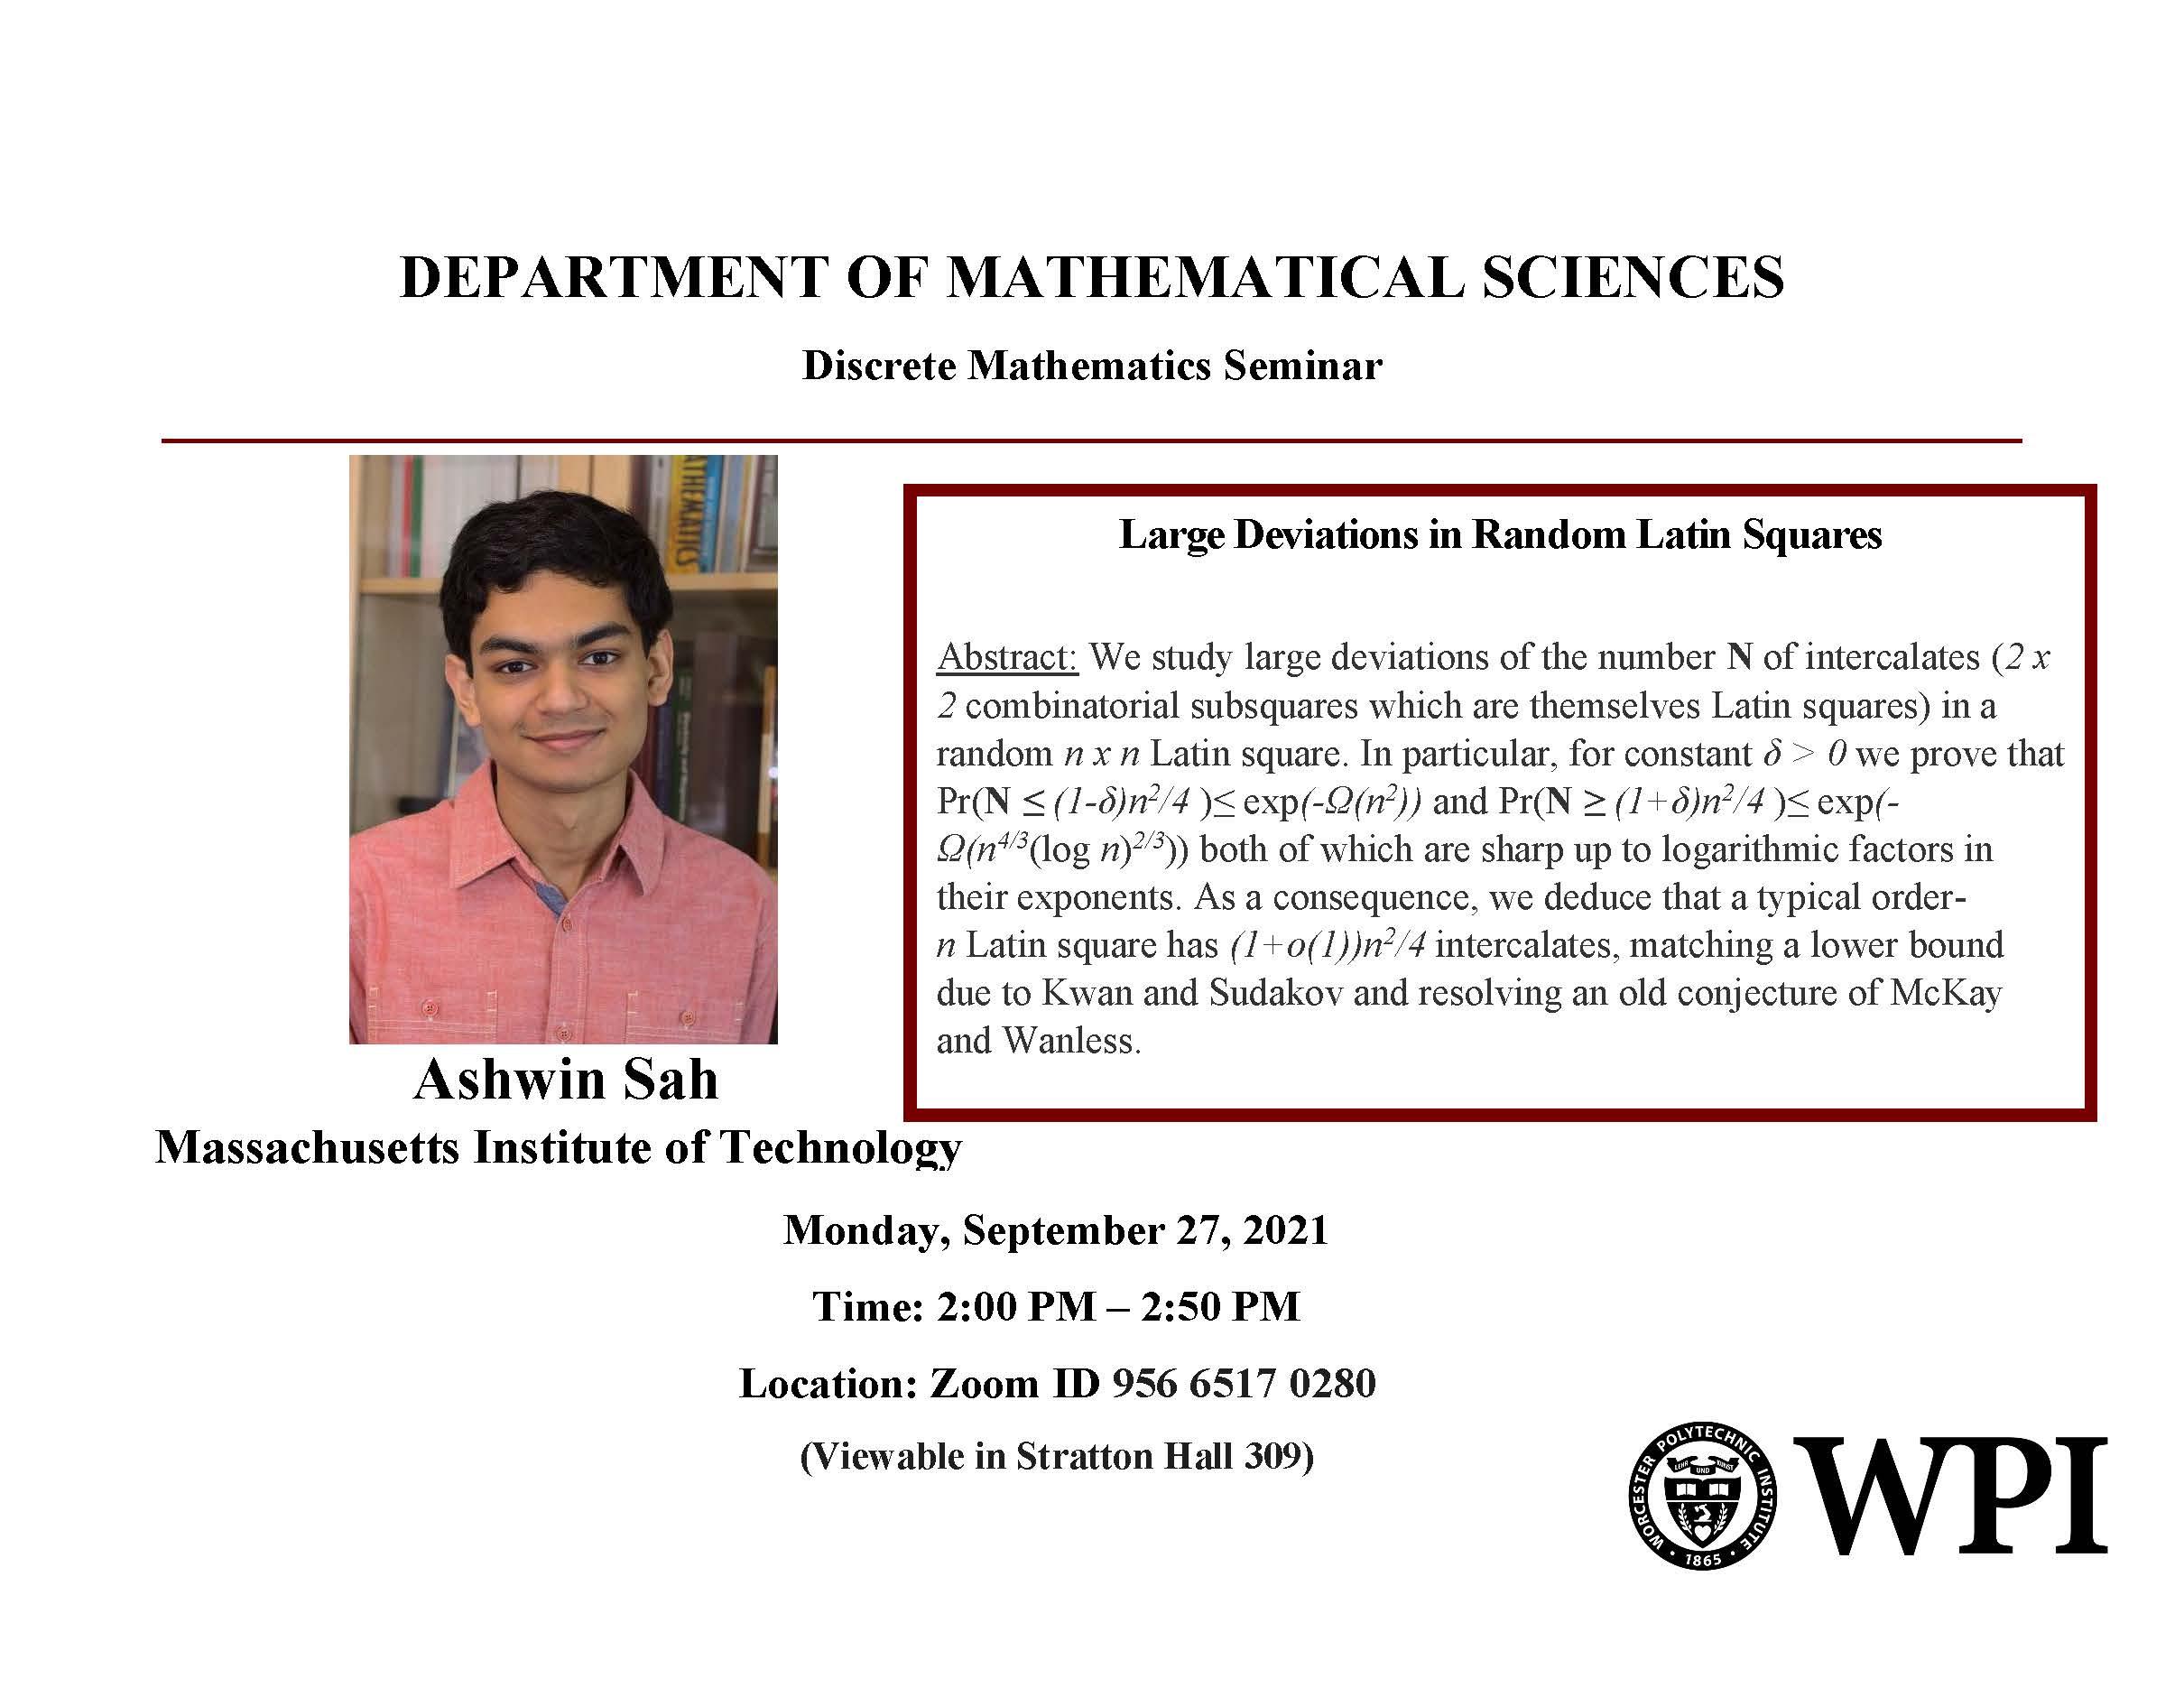 Ashwin Sah Math Seminar